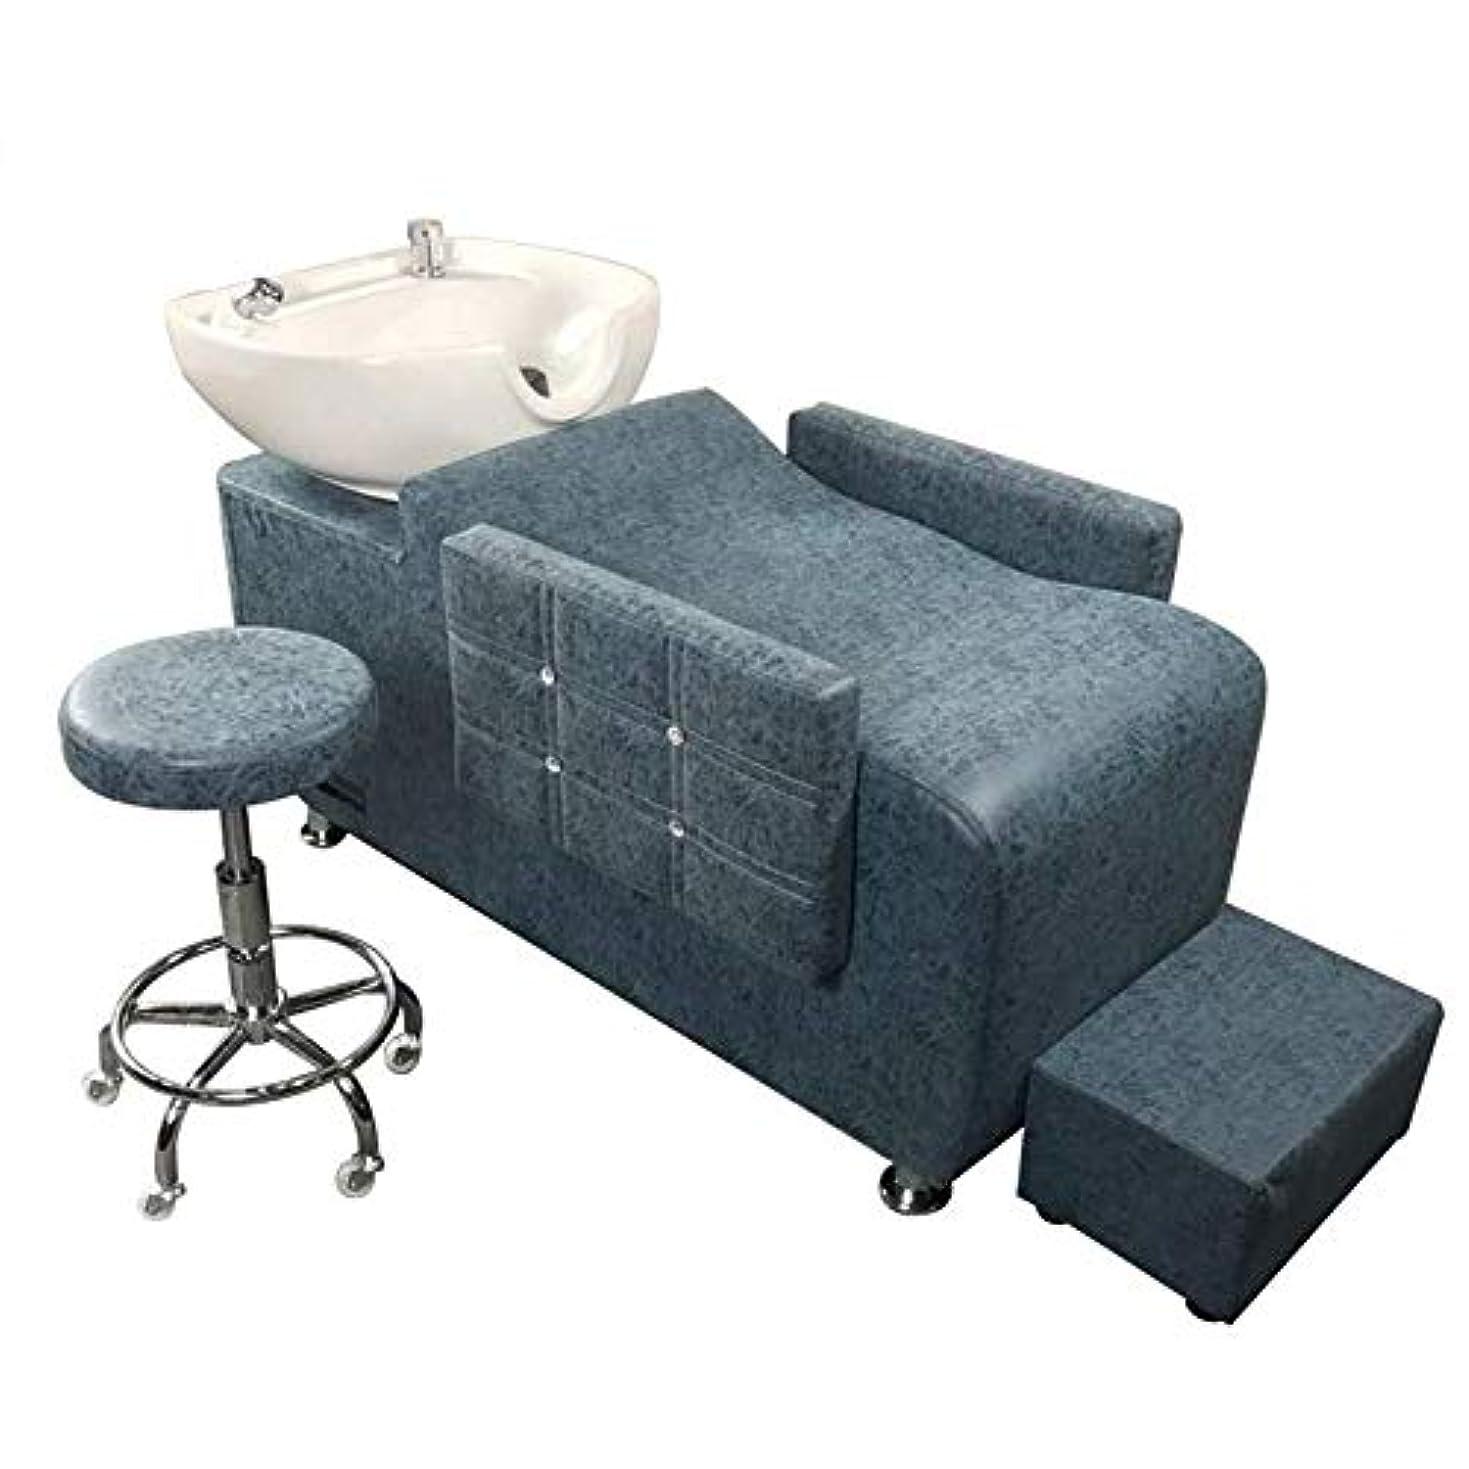 タイピスト振動する知的シャンプーチェア逆洗ボウルユニット駅理容椅子スパサロン機器理髪シンクリフトスツールを送る(緑)